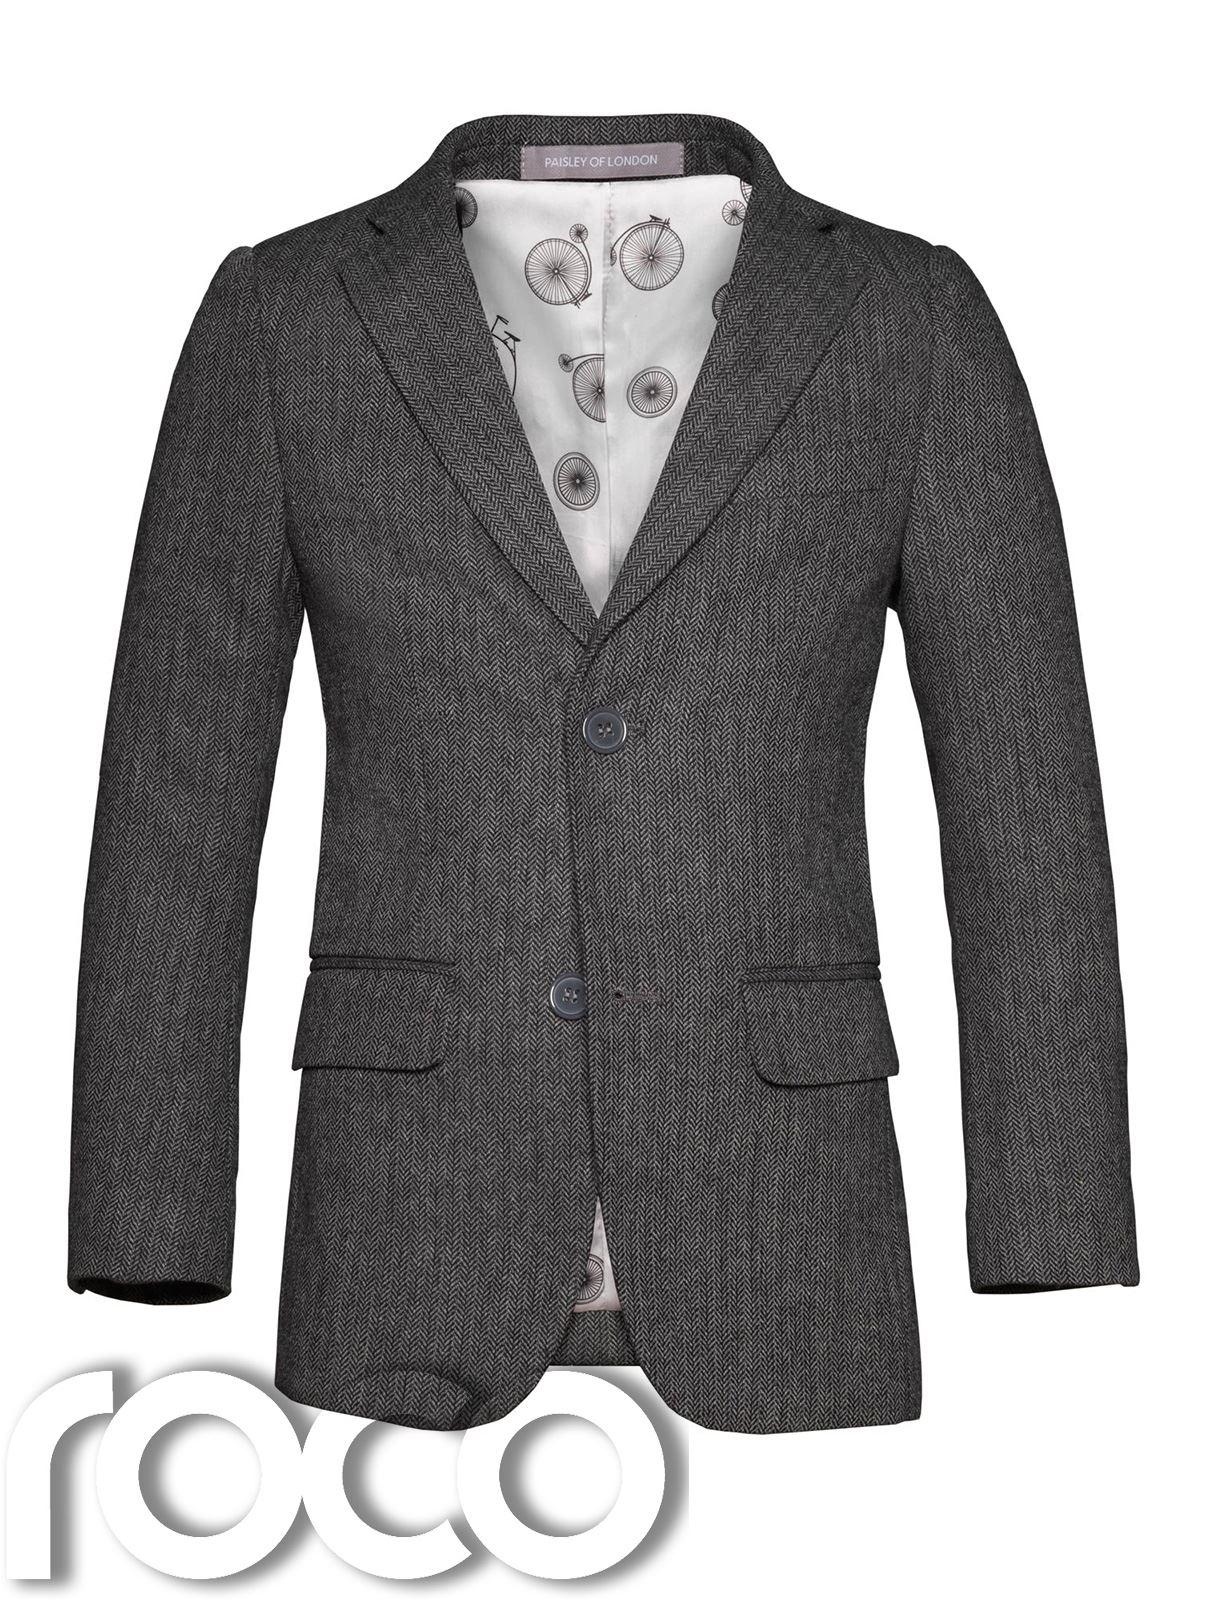 Boys Grey Tweed Jacket Set Boys Tweed Waistcoat Boys Herringbone Jacket